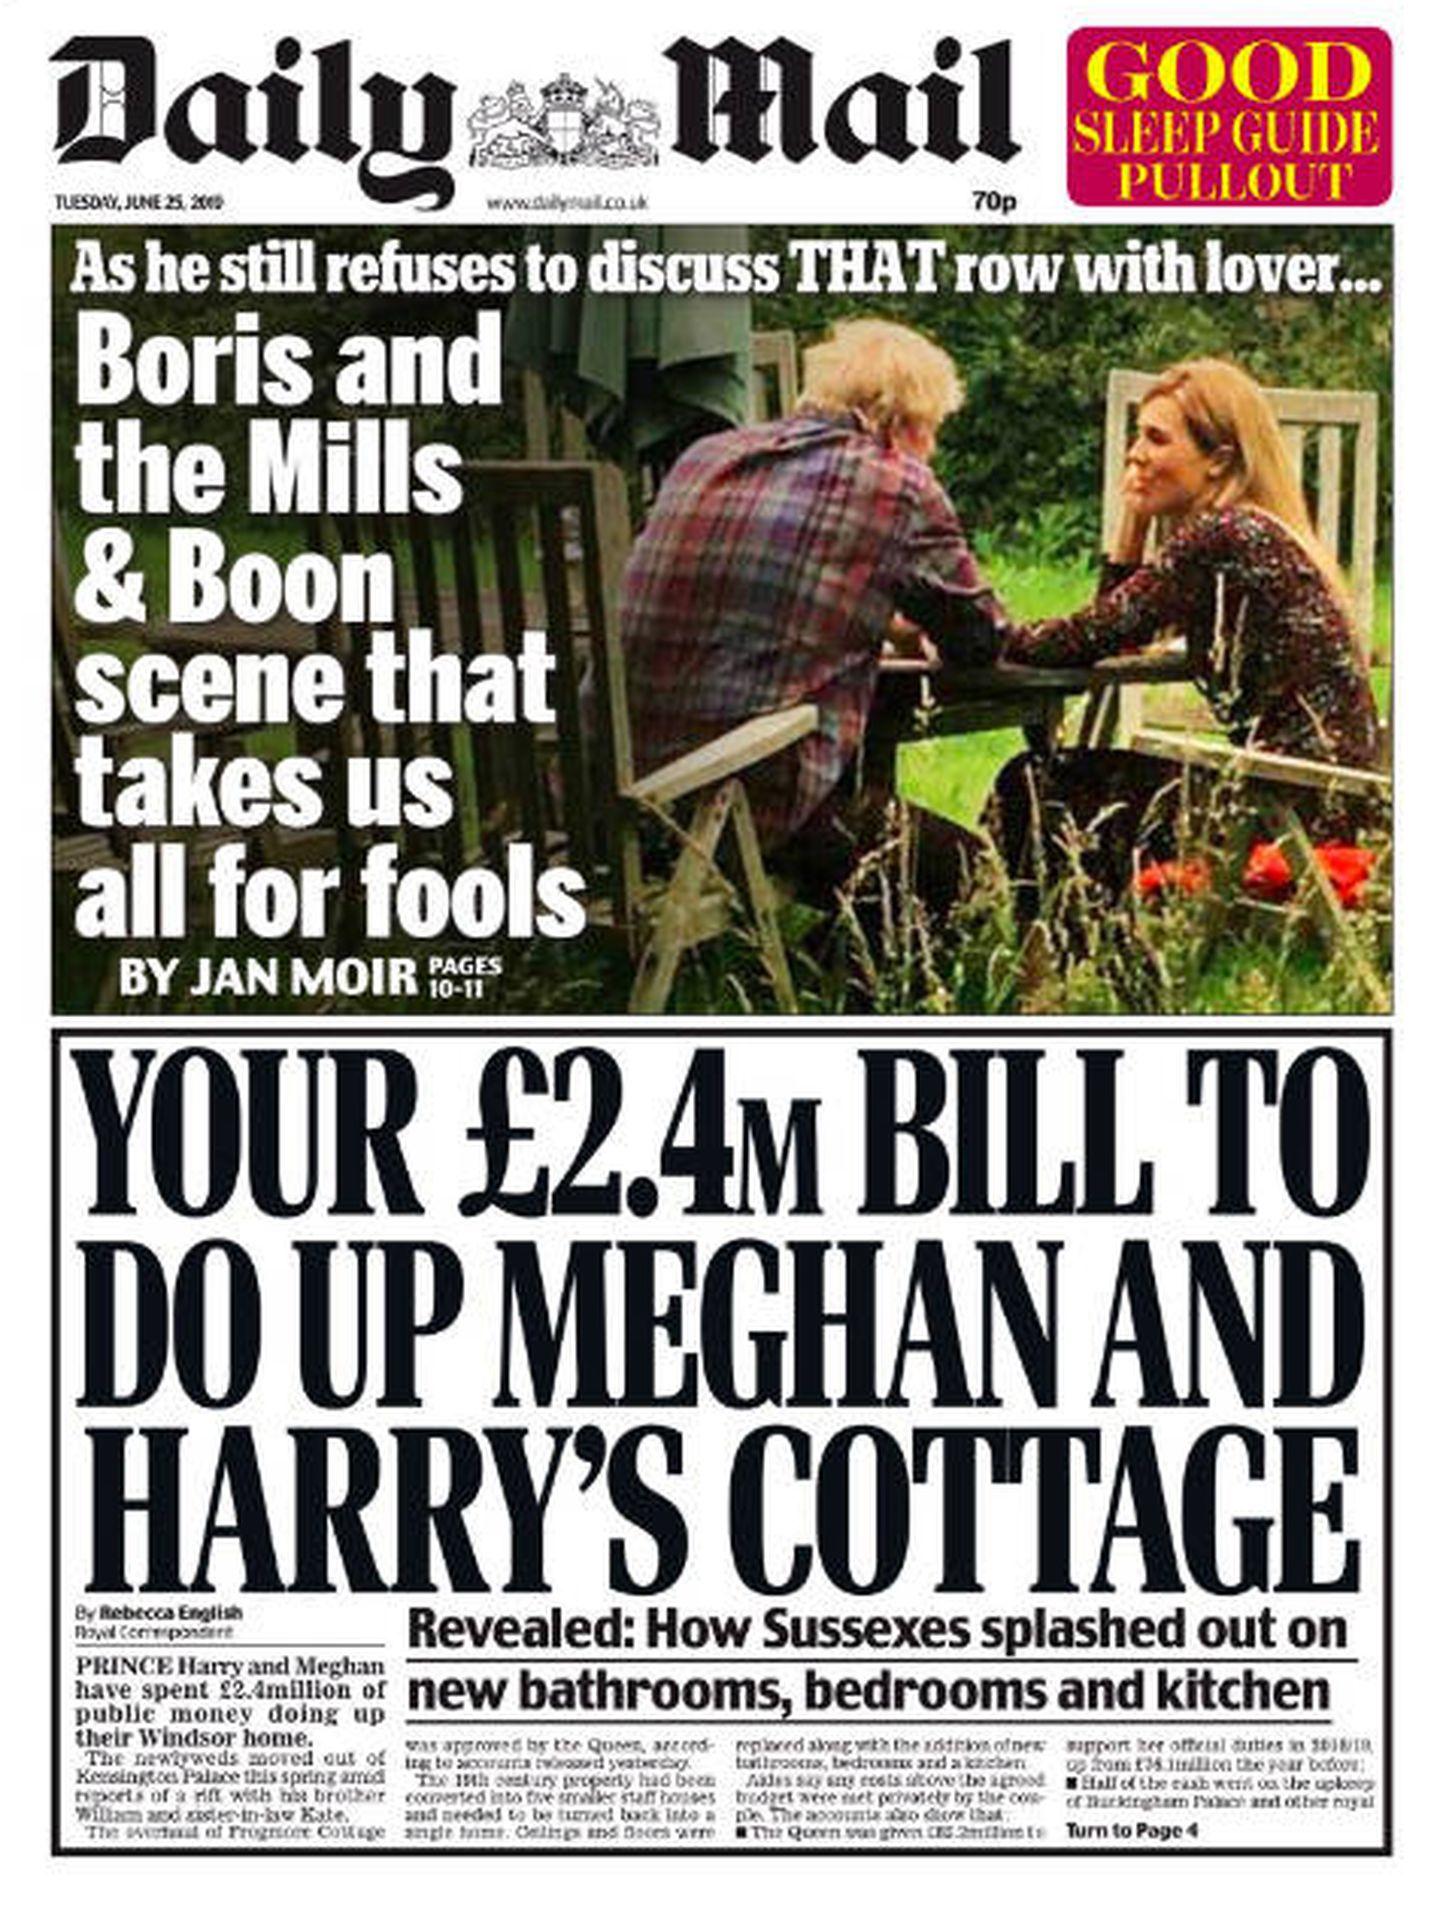 Portada de la edición en papel del 'Daily Mail' del 25 de junio.